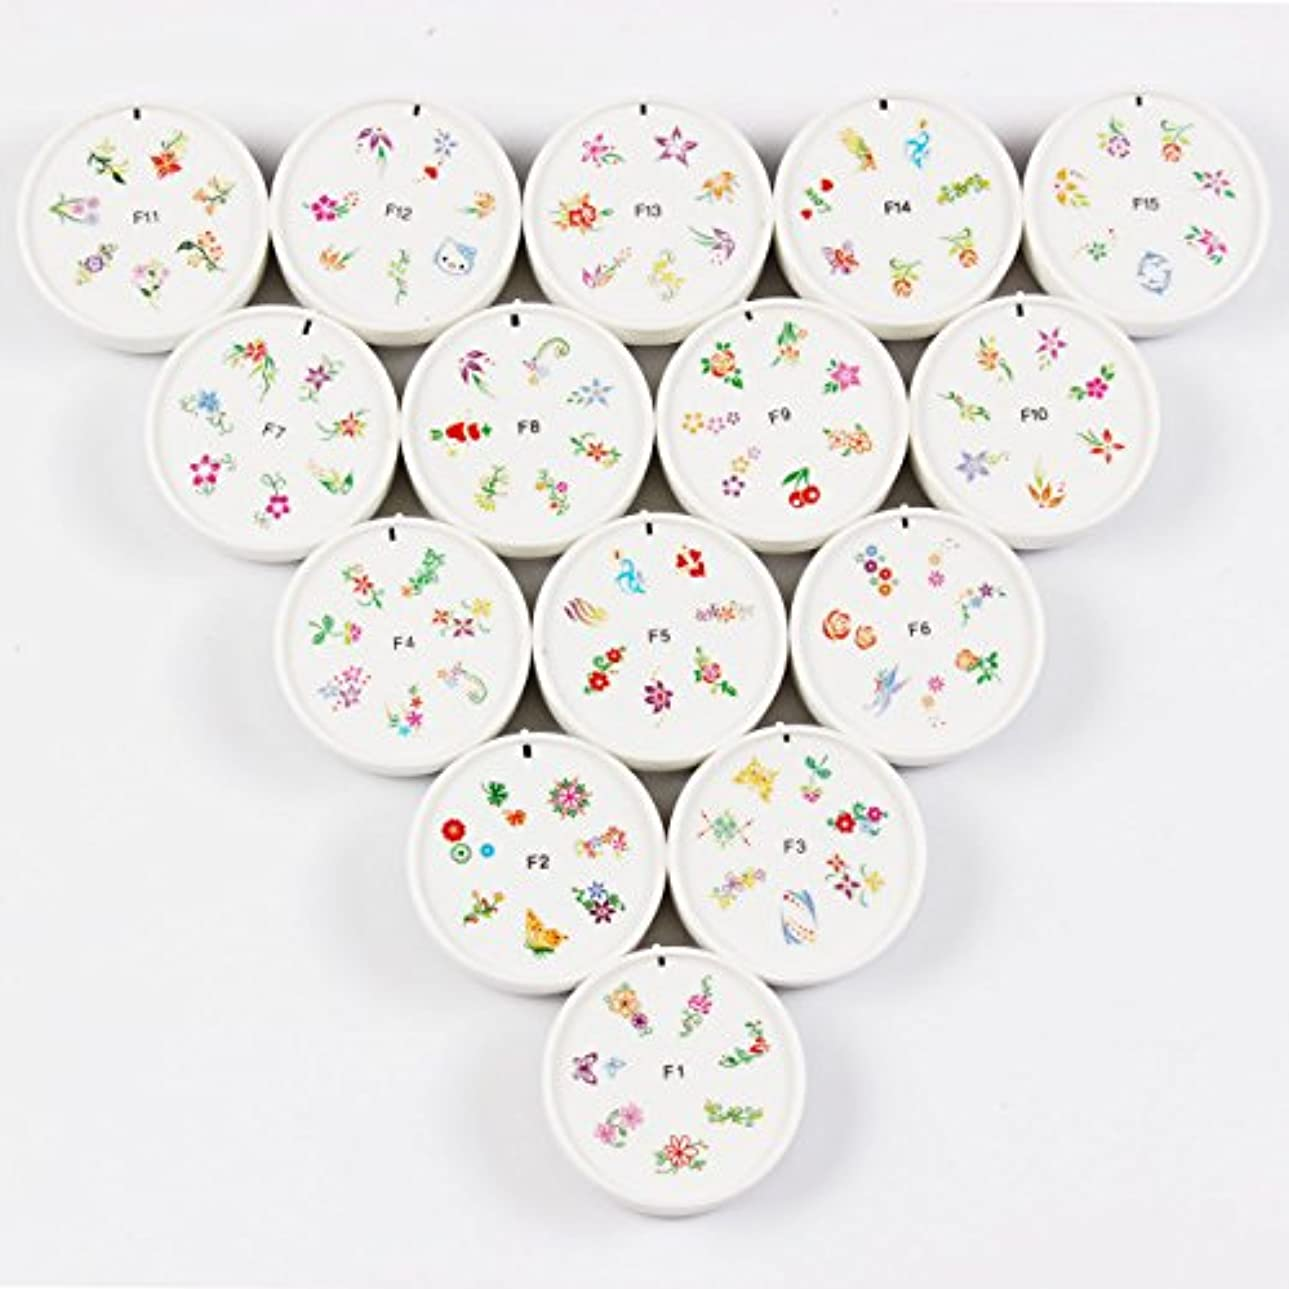 分析するアテンダント美容師FingerAngel ネイルイスタンプセット 15枚 ホワイト ネイルスタンパー ゴム プラスチック ネイルアート